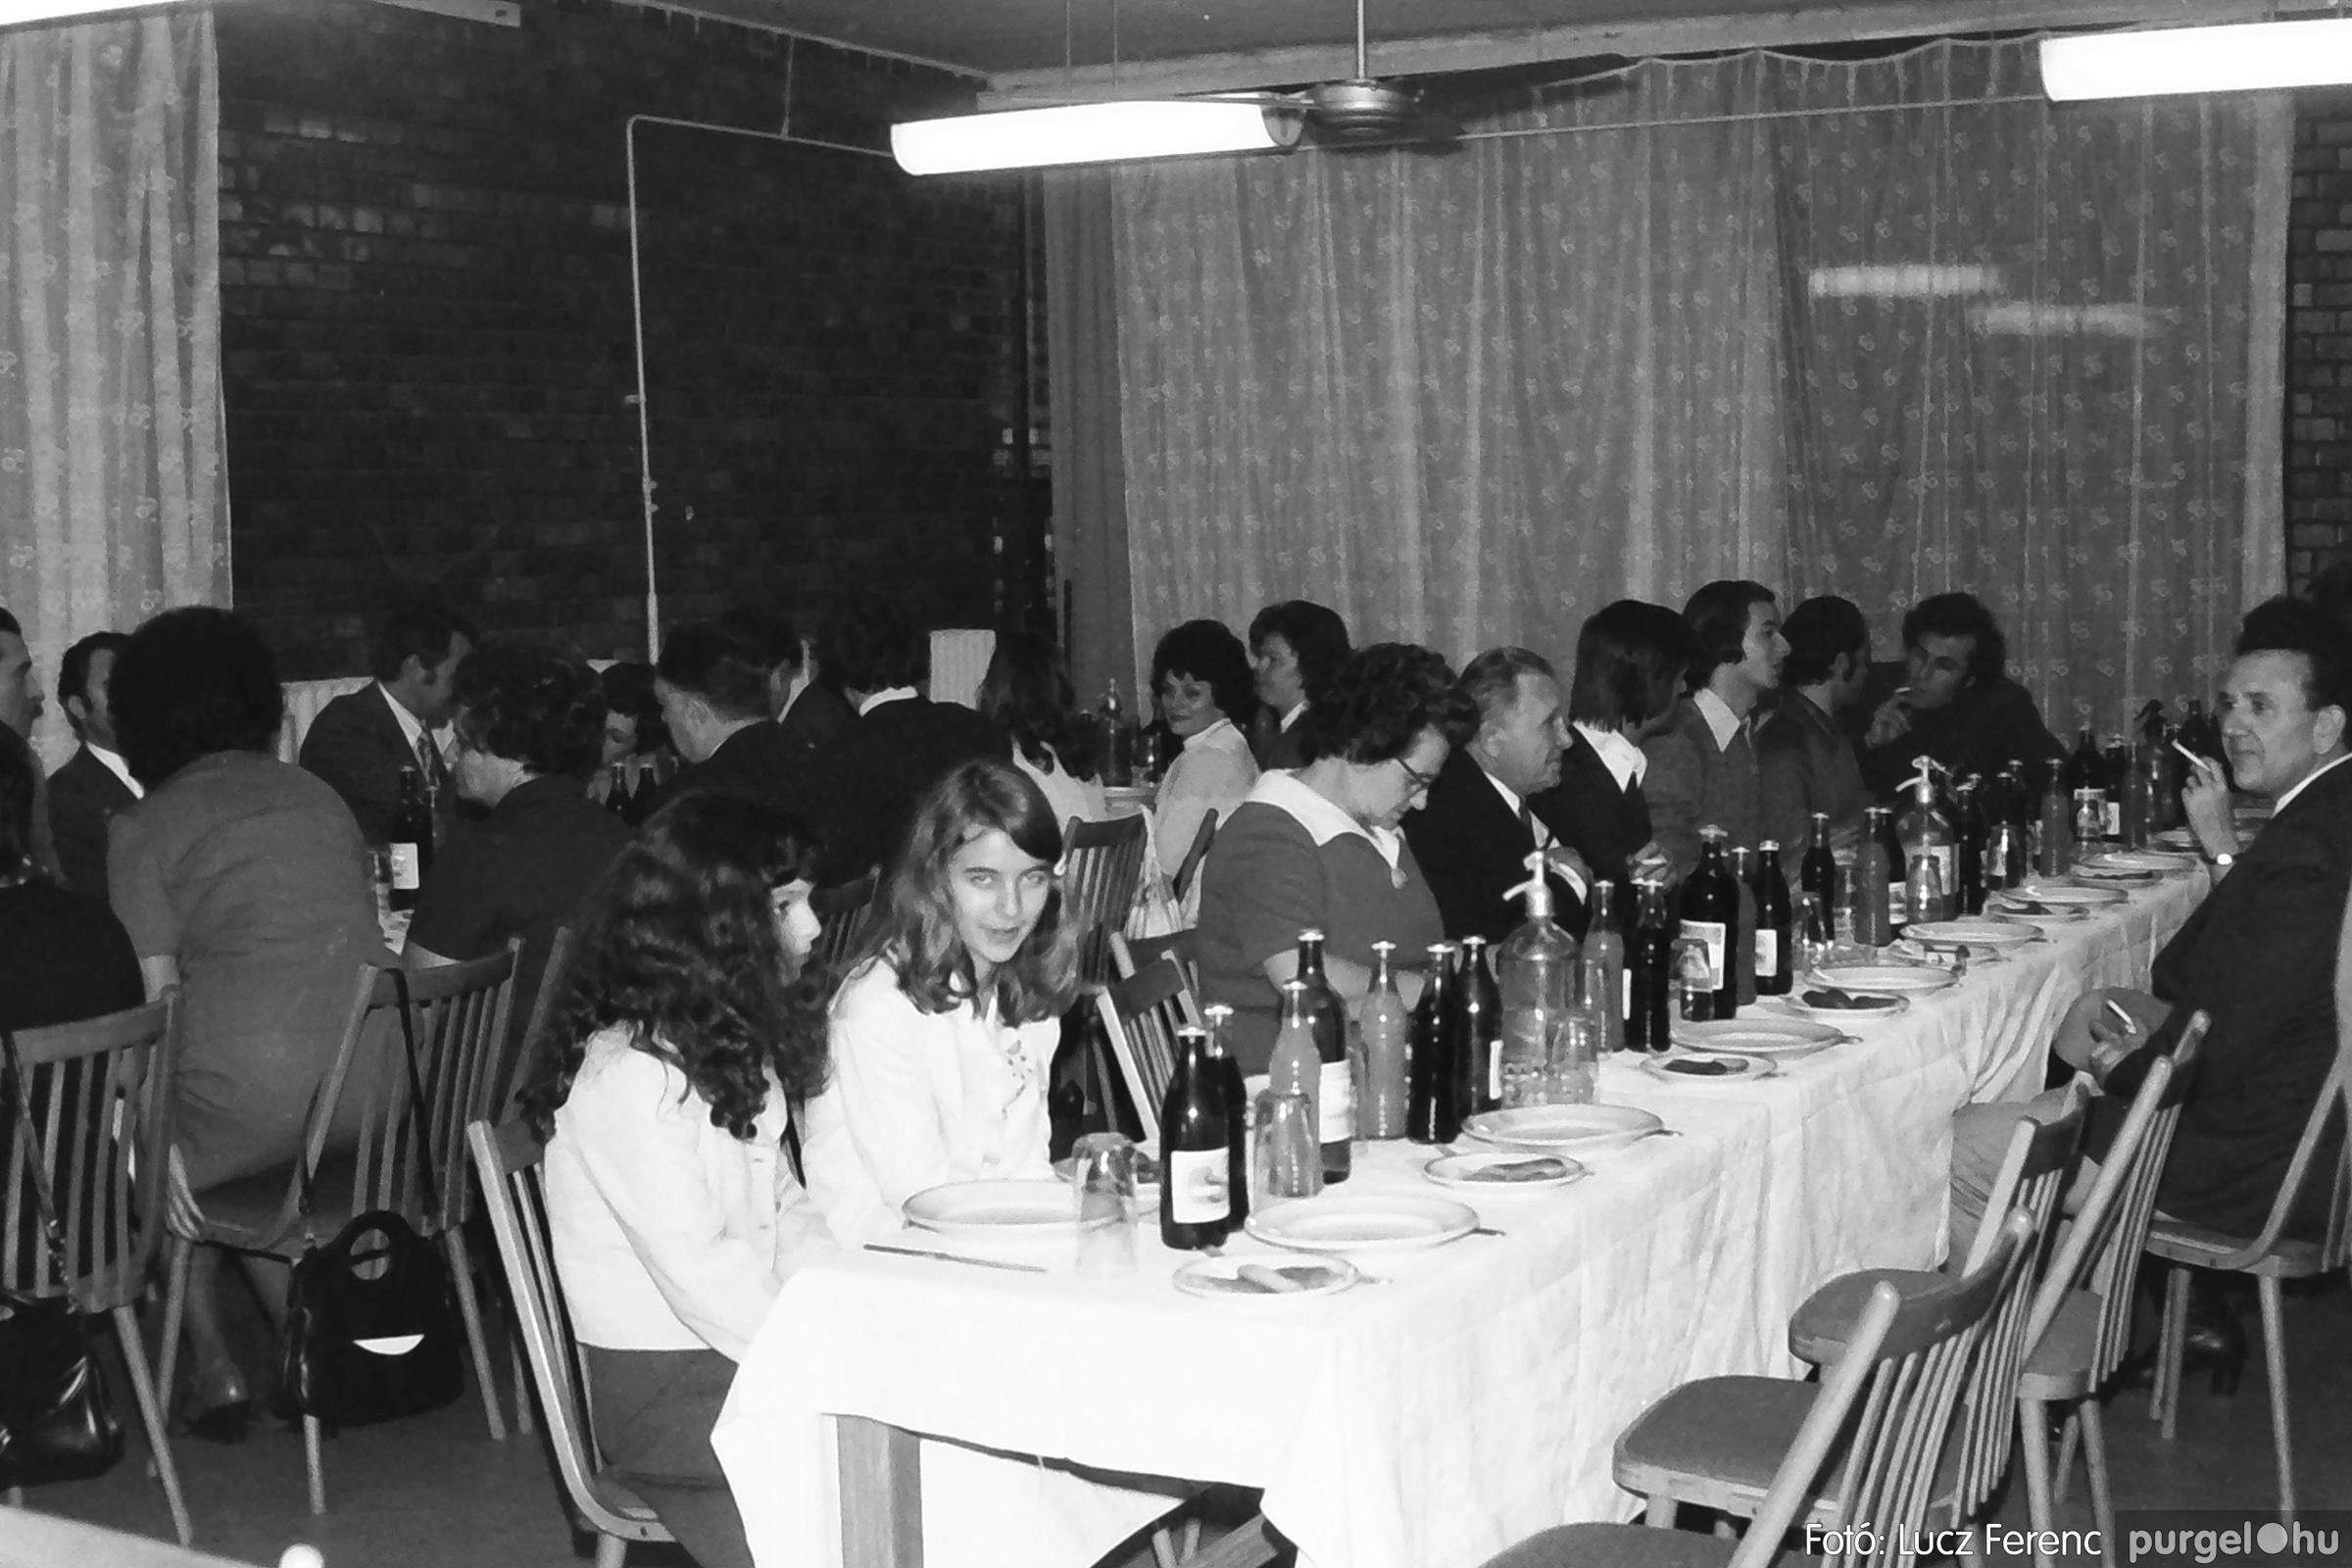 066-067. 1976. A Herkulesfürdői emlék című film ősbemutatója Szegváron 023. - Fotó: Lucz Ferenc.jpg